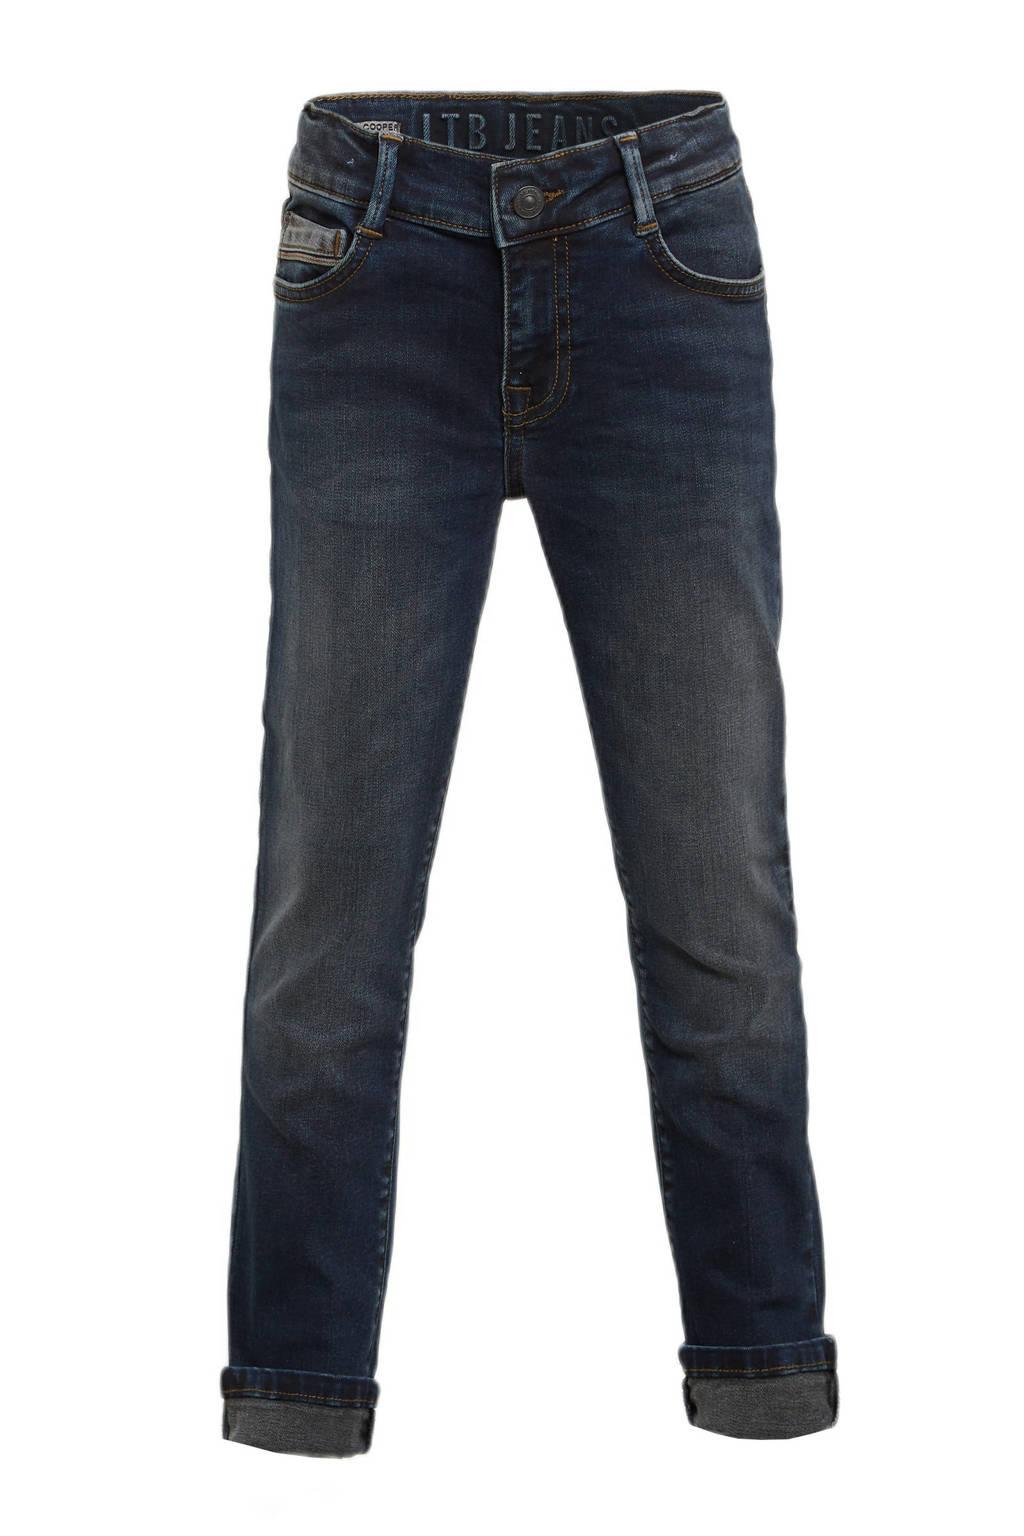 LTB slim fit jeans New Cooper jubi wash, Jubi wash